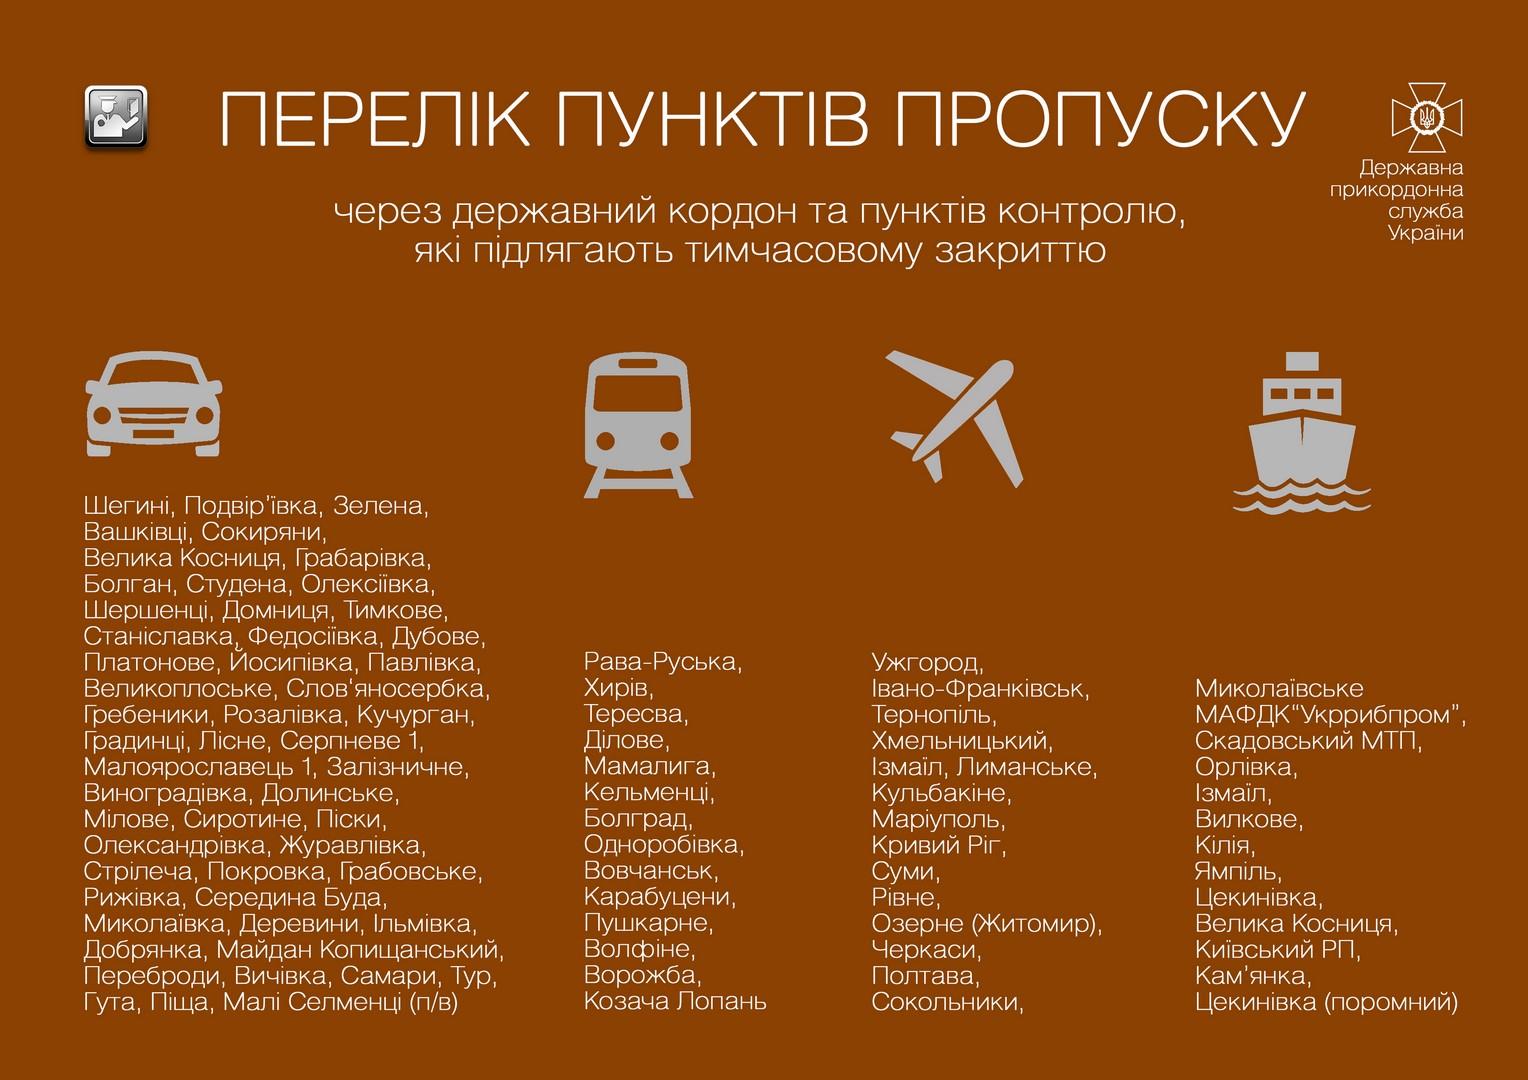 16 березня обмежуються пропускні операції на держкордоні України - Україна, світ, коронавірус - Derzhkordon1